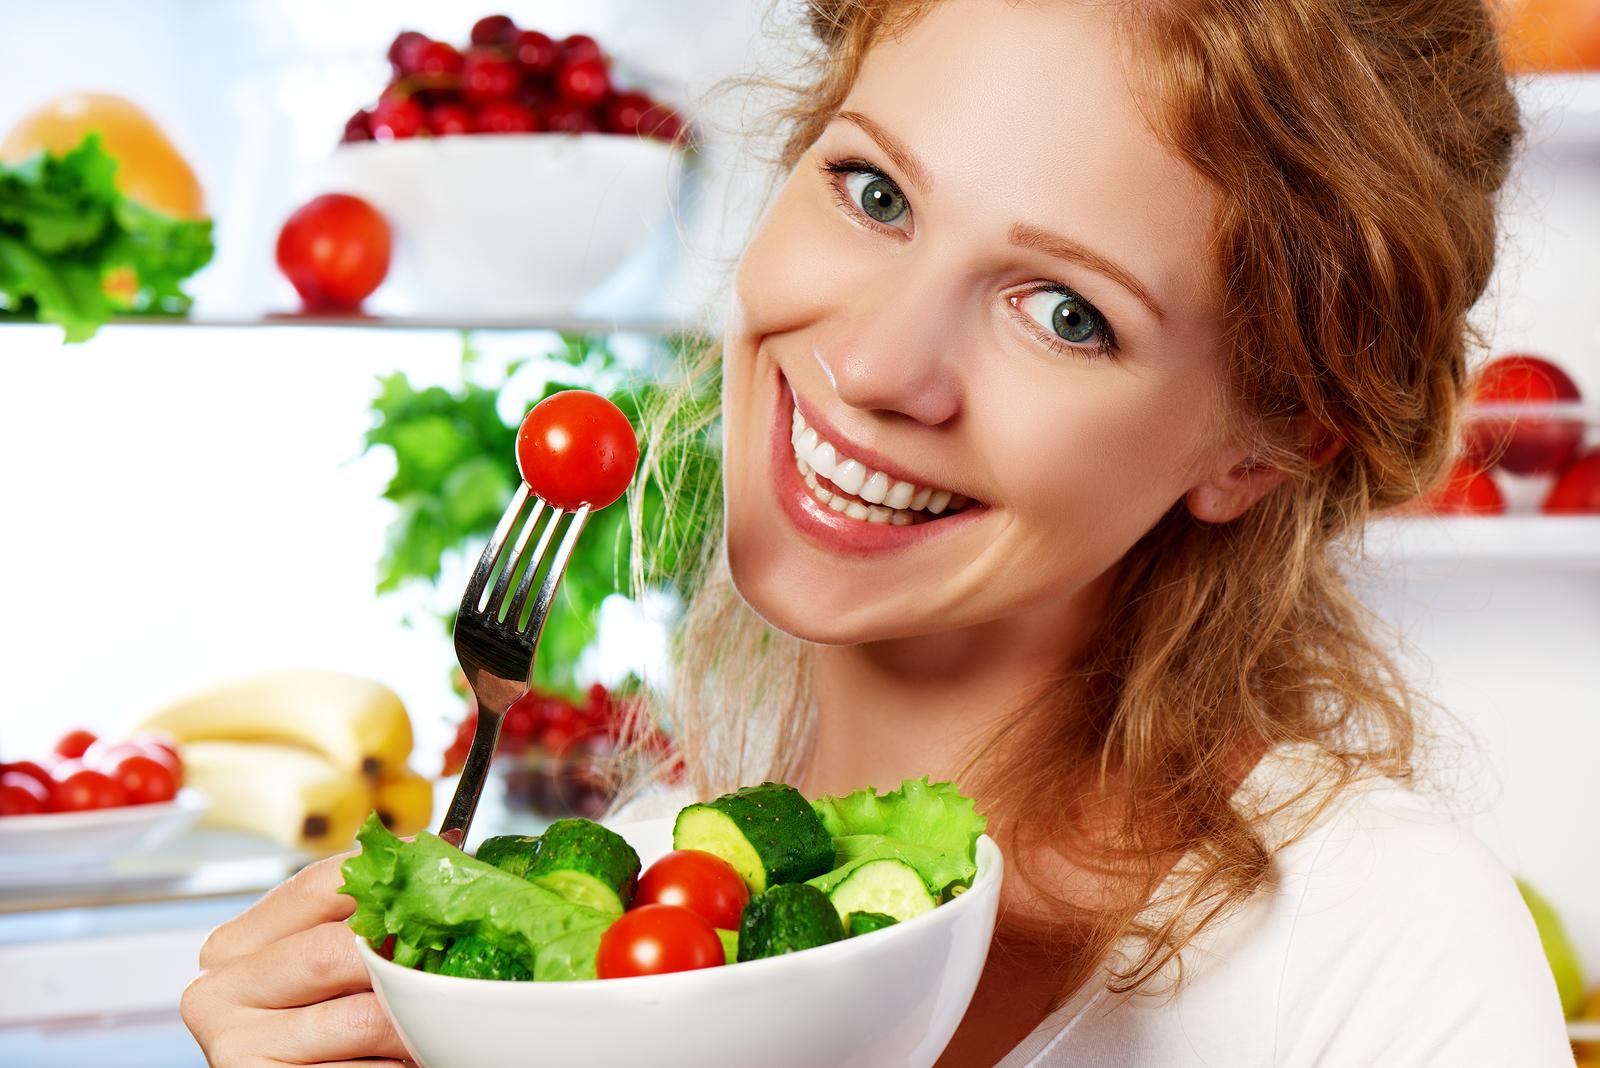 فكري بتناول الخضروات الطازجة لغناها بالفيتامينات